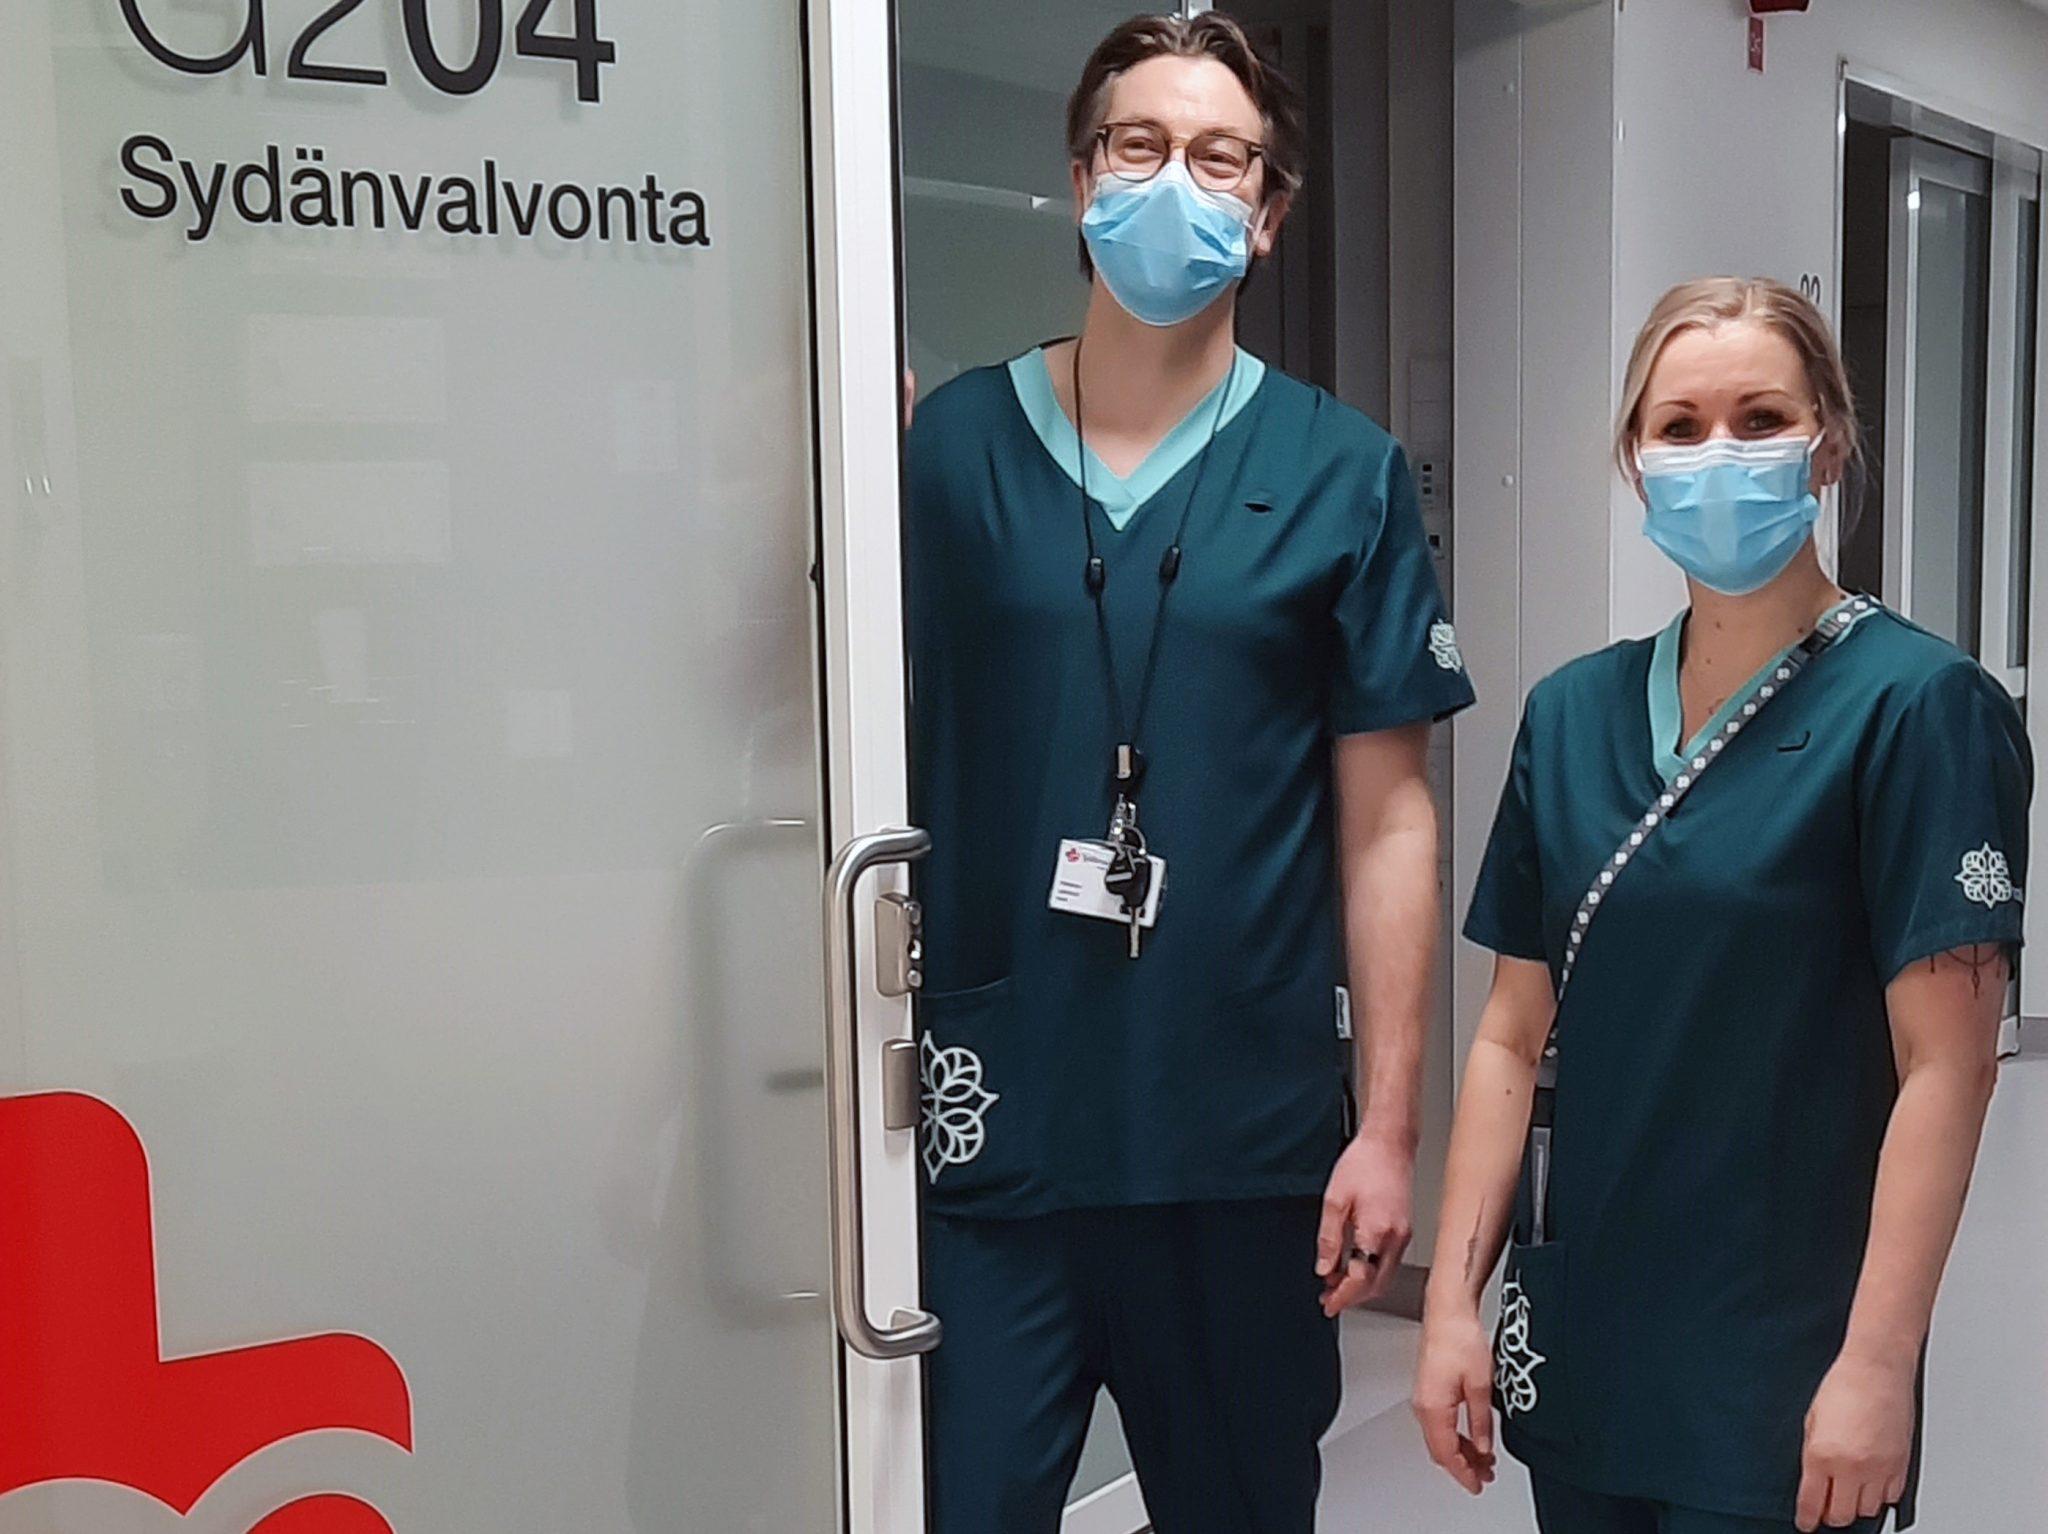 Sydänsairaala Novan työntekijöitä